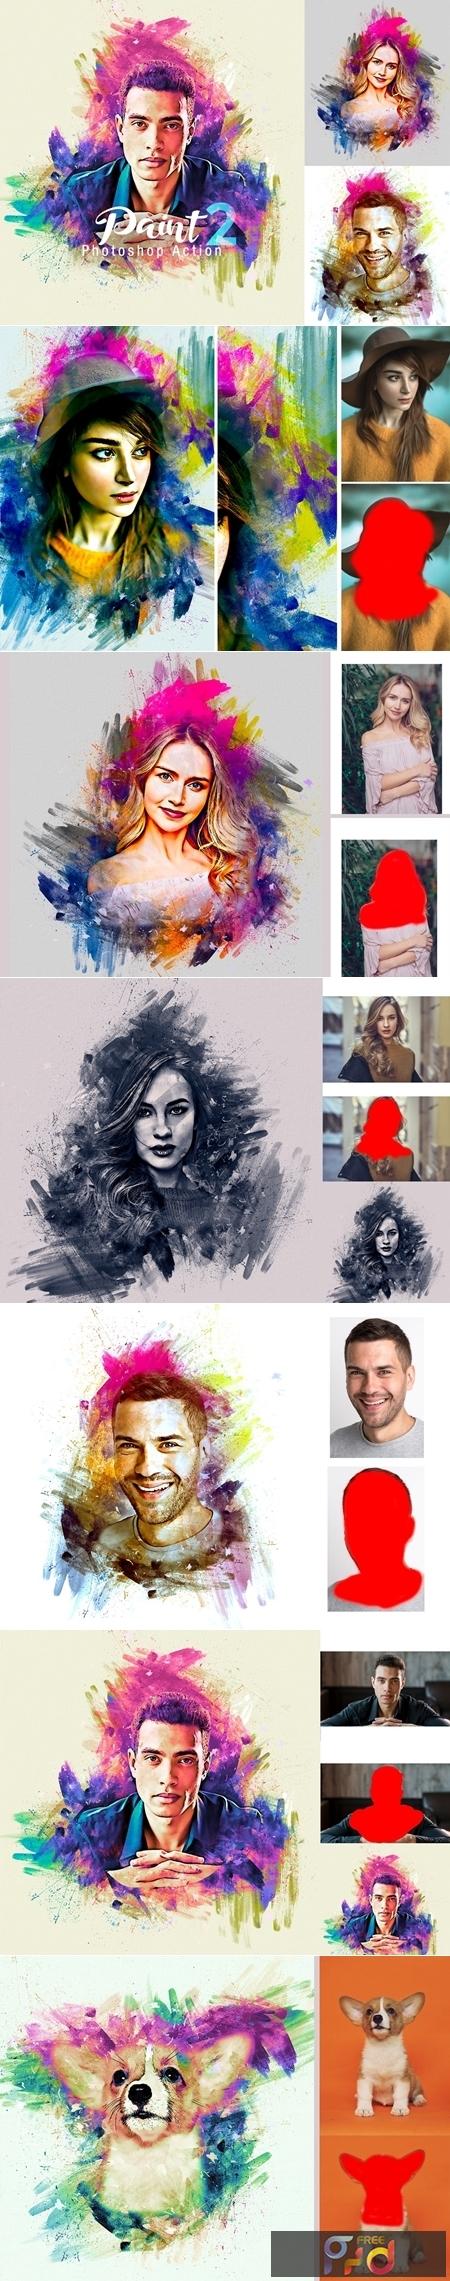 Paint Photoshop Action 4237606 1